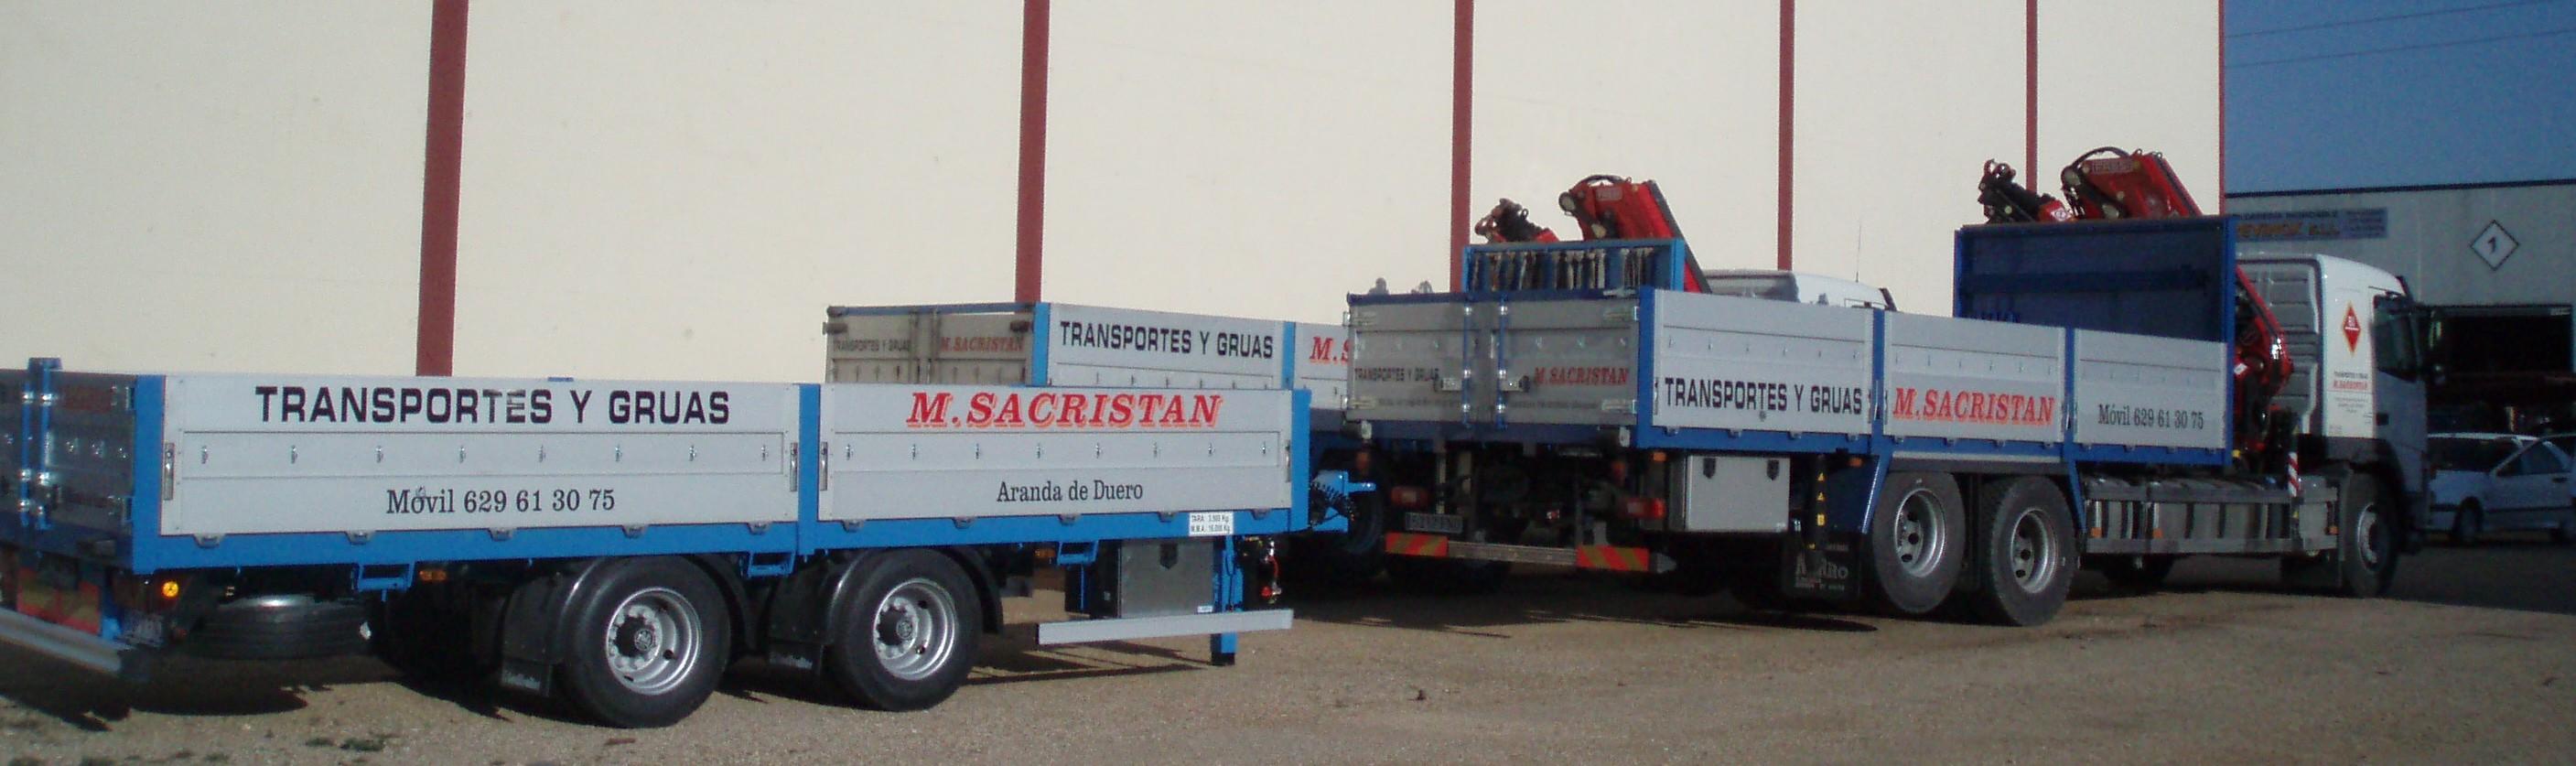 Camion mas remolque transporte pesado